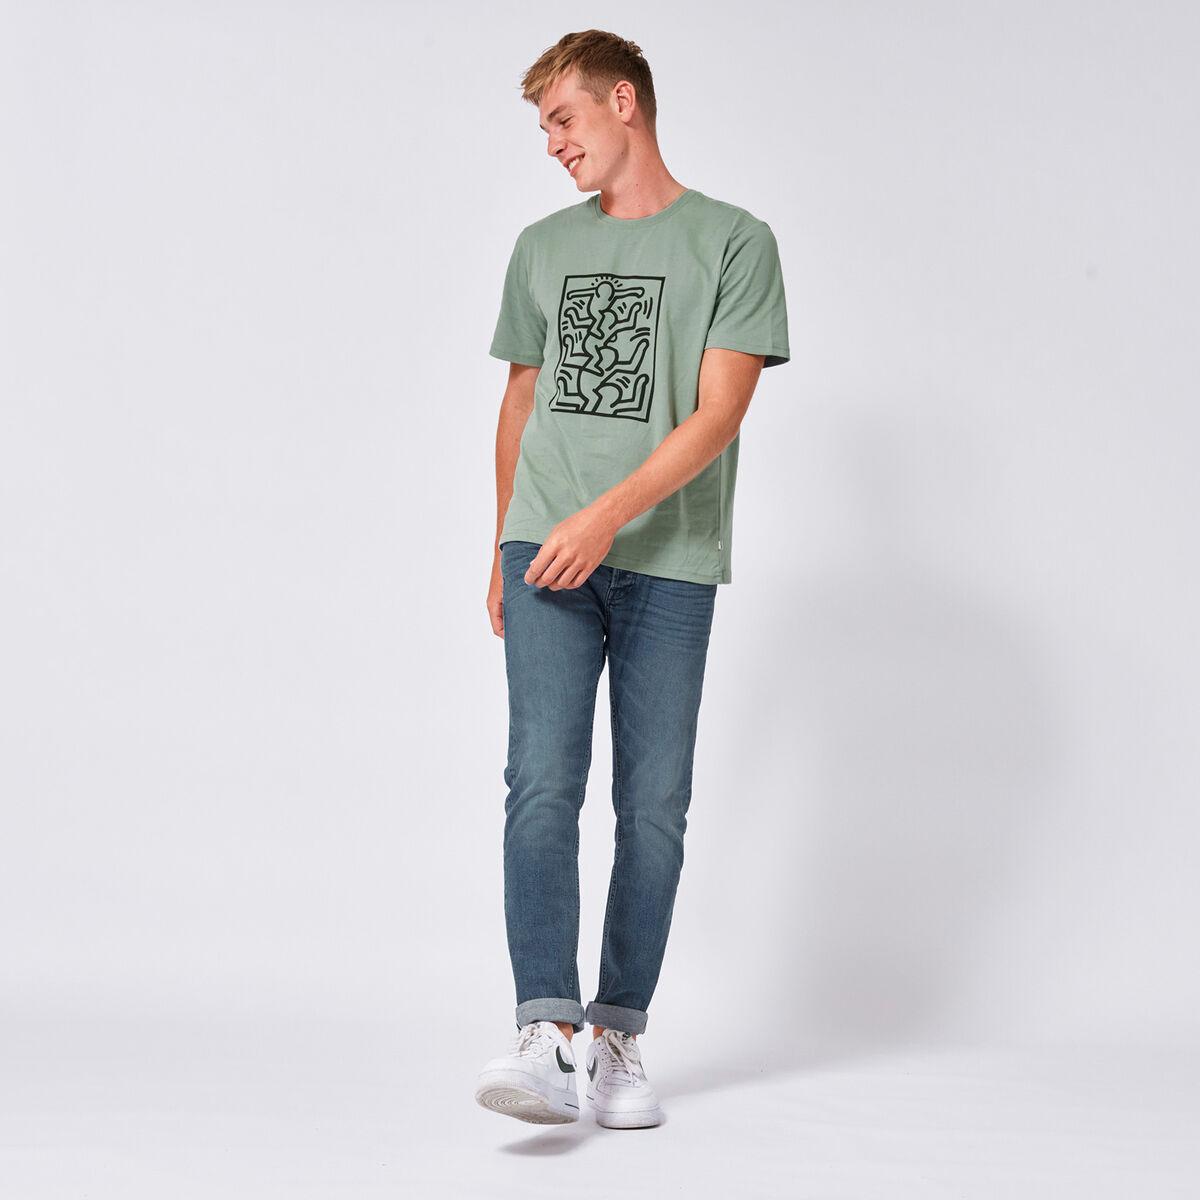 T-shirt Esai People